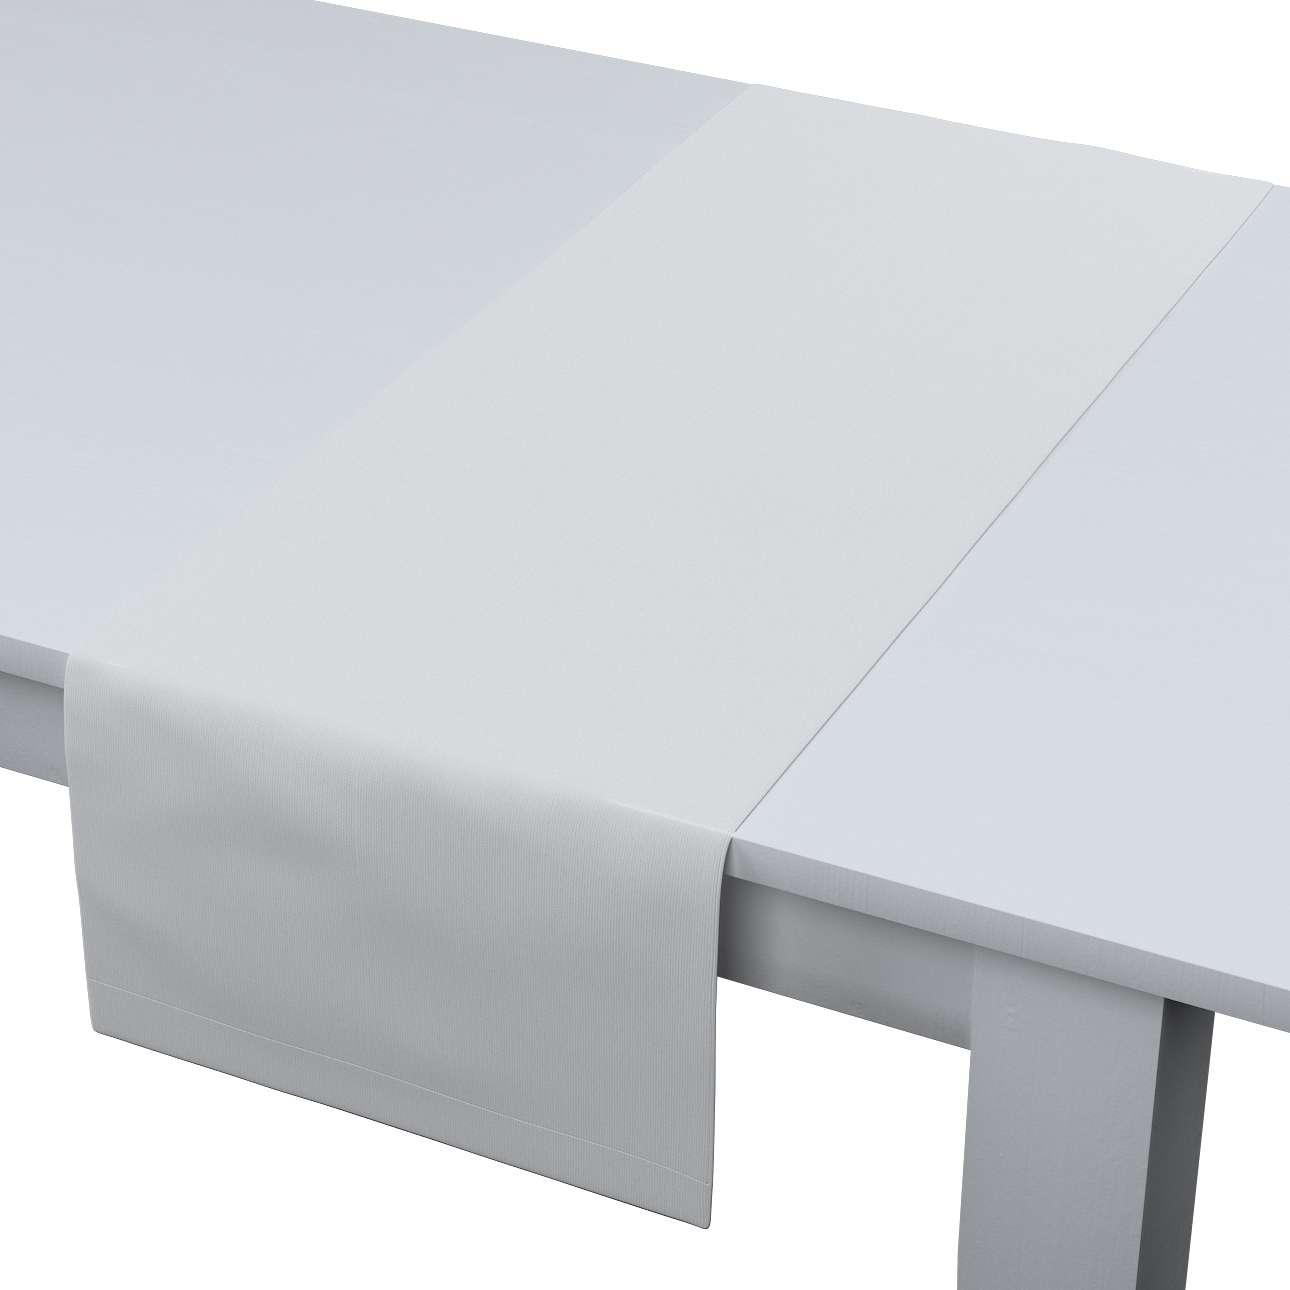 Rechteckiger Tischläufer 40 x 130 cm von der Kollektion Loneta, Stoff: 133-02